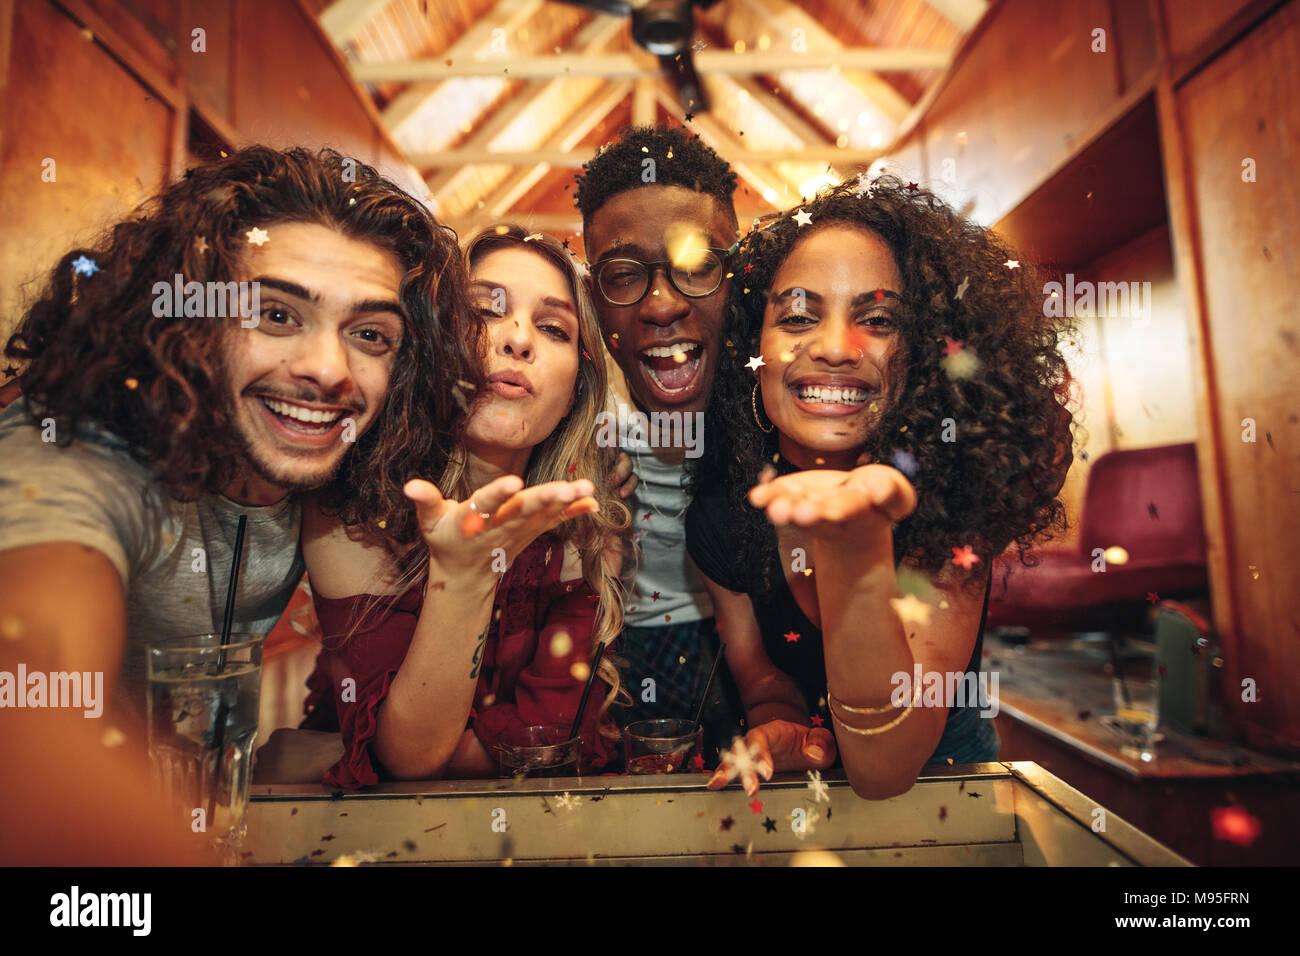 Eine Gruppe von Freunden eine Party und blasen Konfetti. Männer und Frauen die Erfassung der Spaß in selfie im Nachtclub. Stockbild